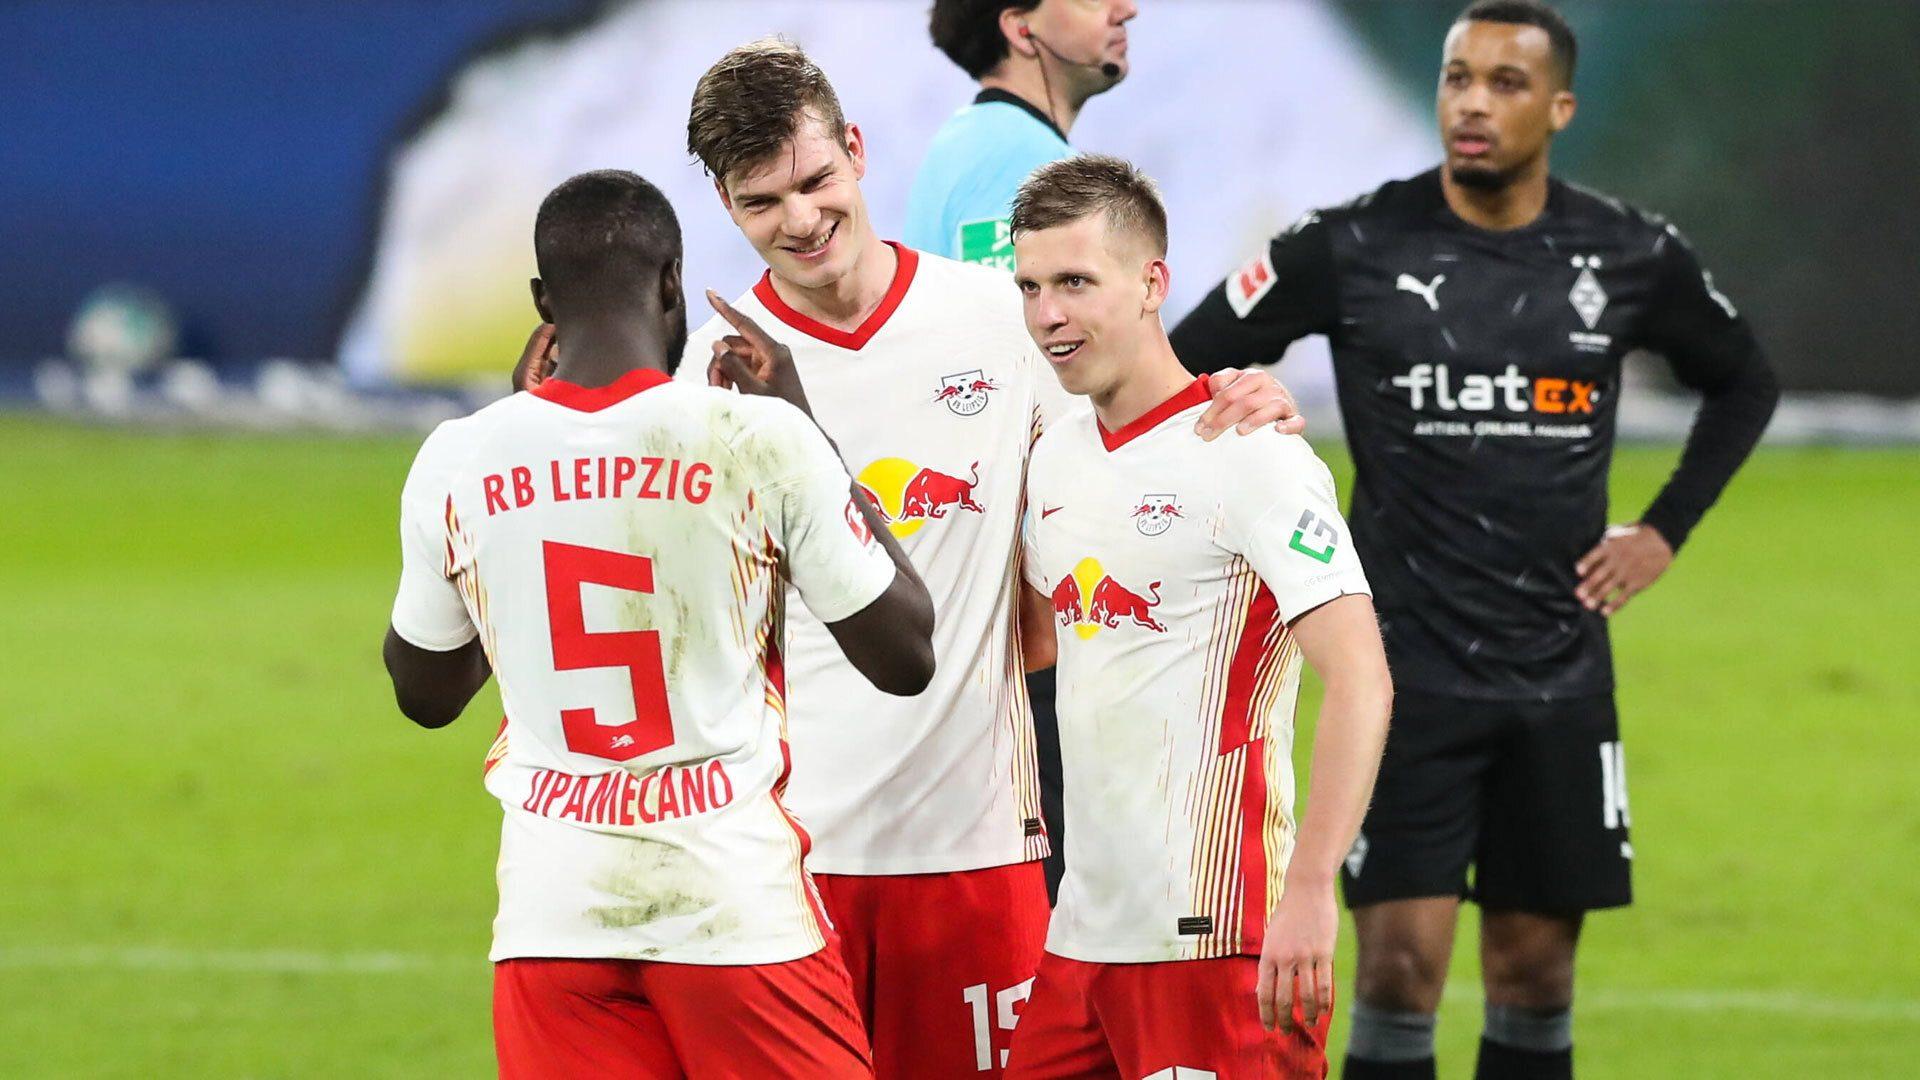 RB Leipzig - der lachende Dritte am 24. Spieltag?